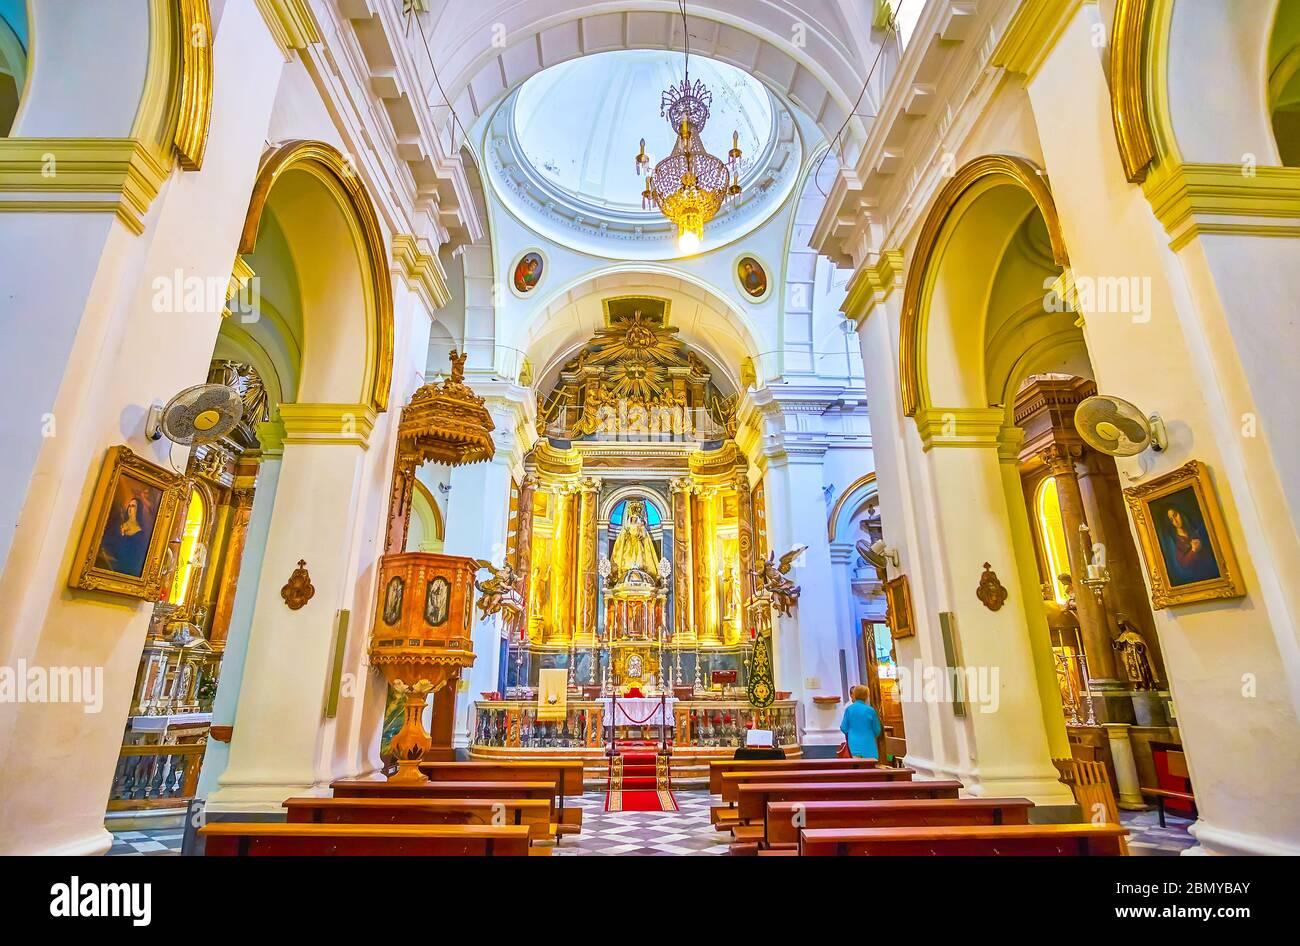 CADIX, ESPAGNE - 24 SEPTEMBRE 2019 : intérieur de la petite église Iglesia del Rosario avec beau autel doré et sculpture de Madonna, sur se Banque D'Images